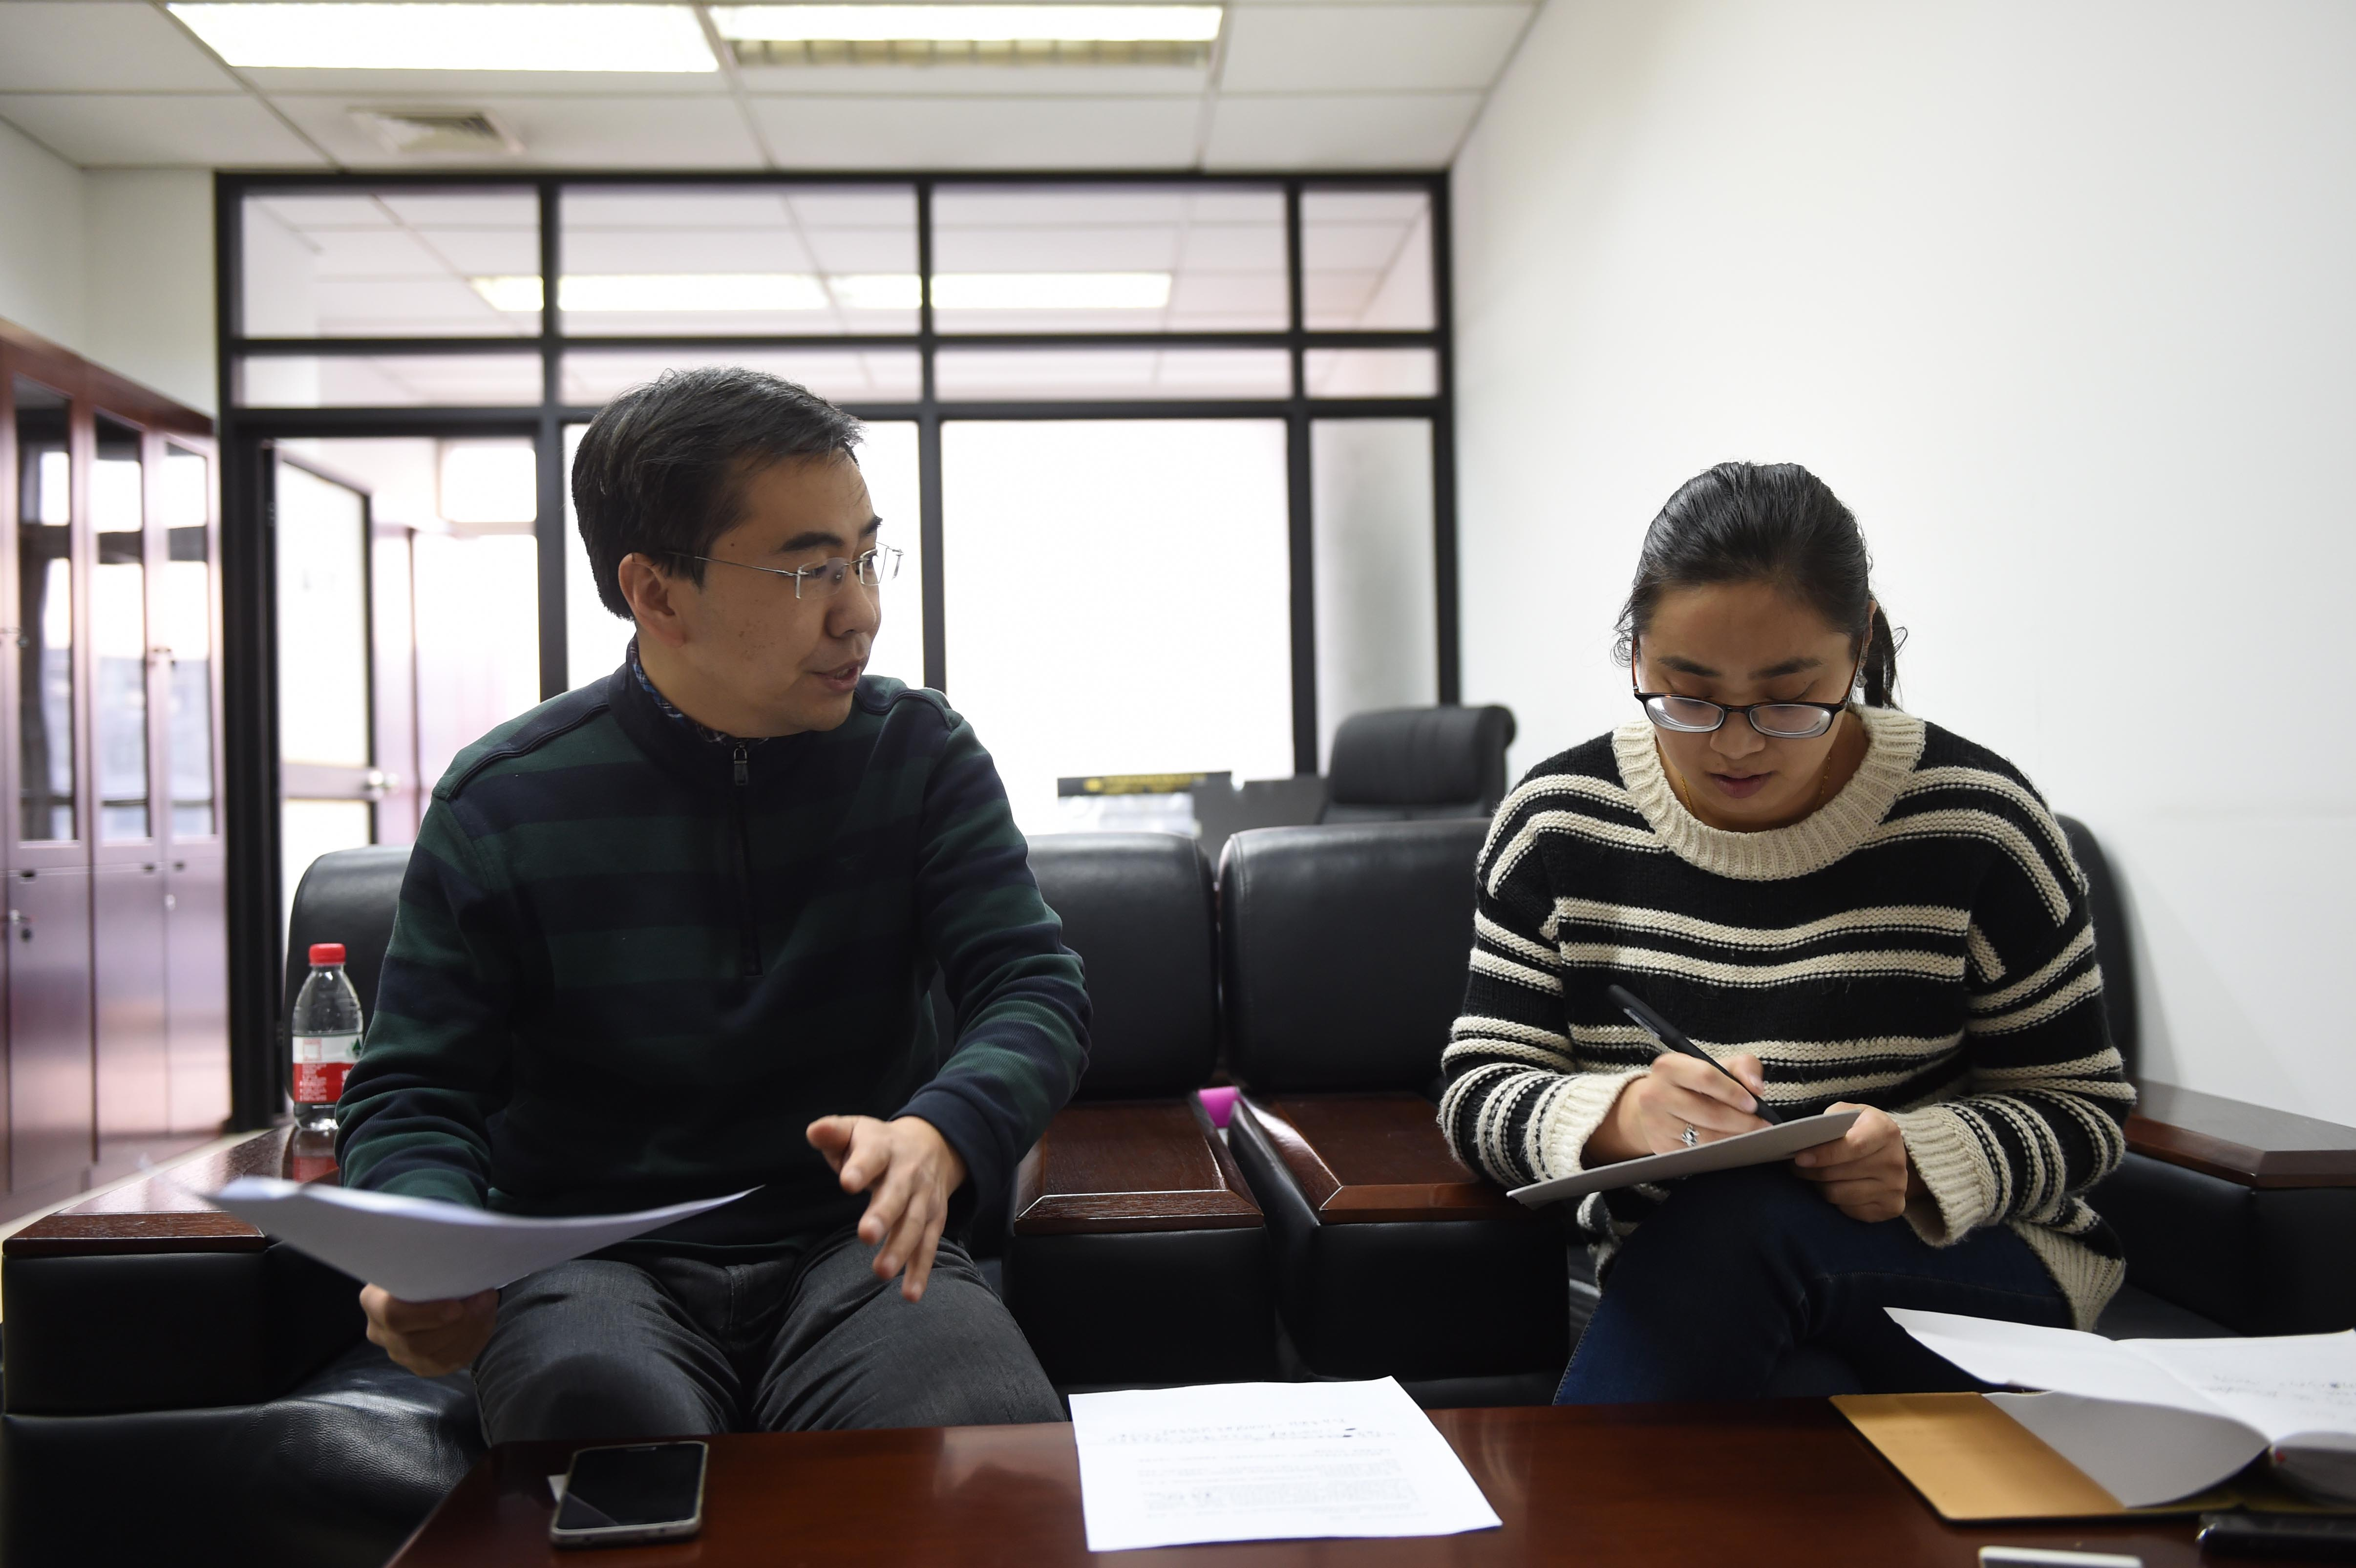 12月13日,中关村二小校长杨刚(左)接收新华社记者采访。 (新华社记者李文摄)